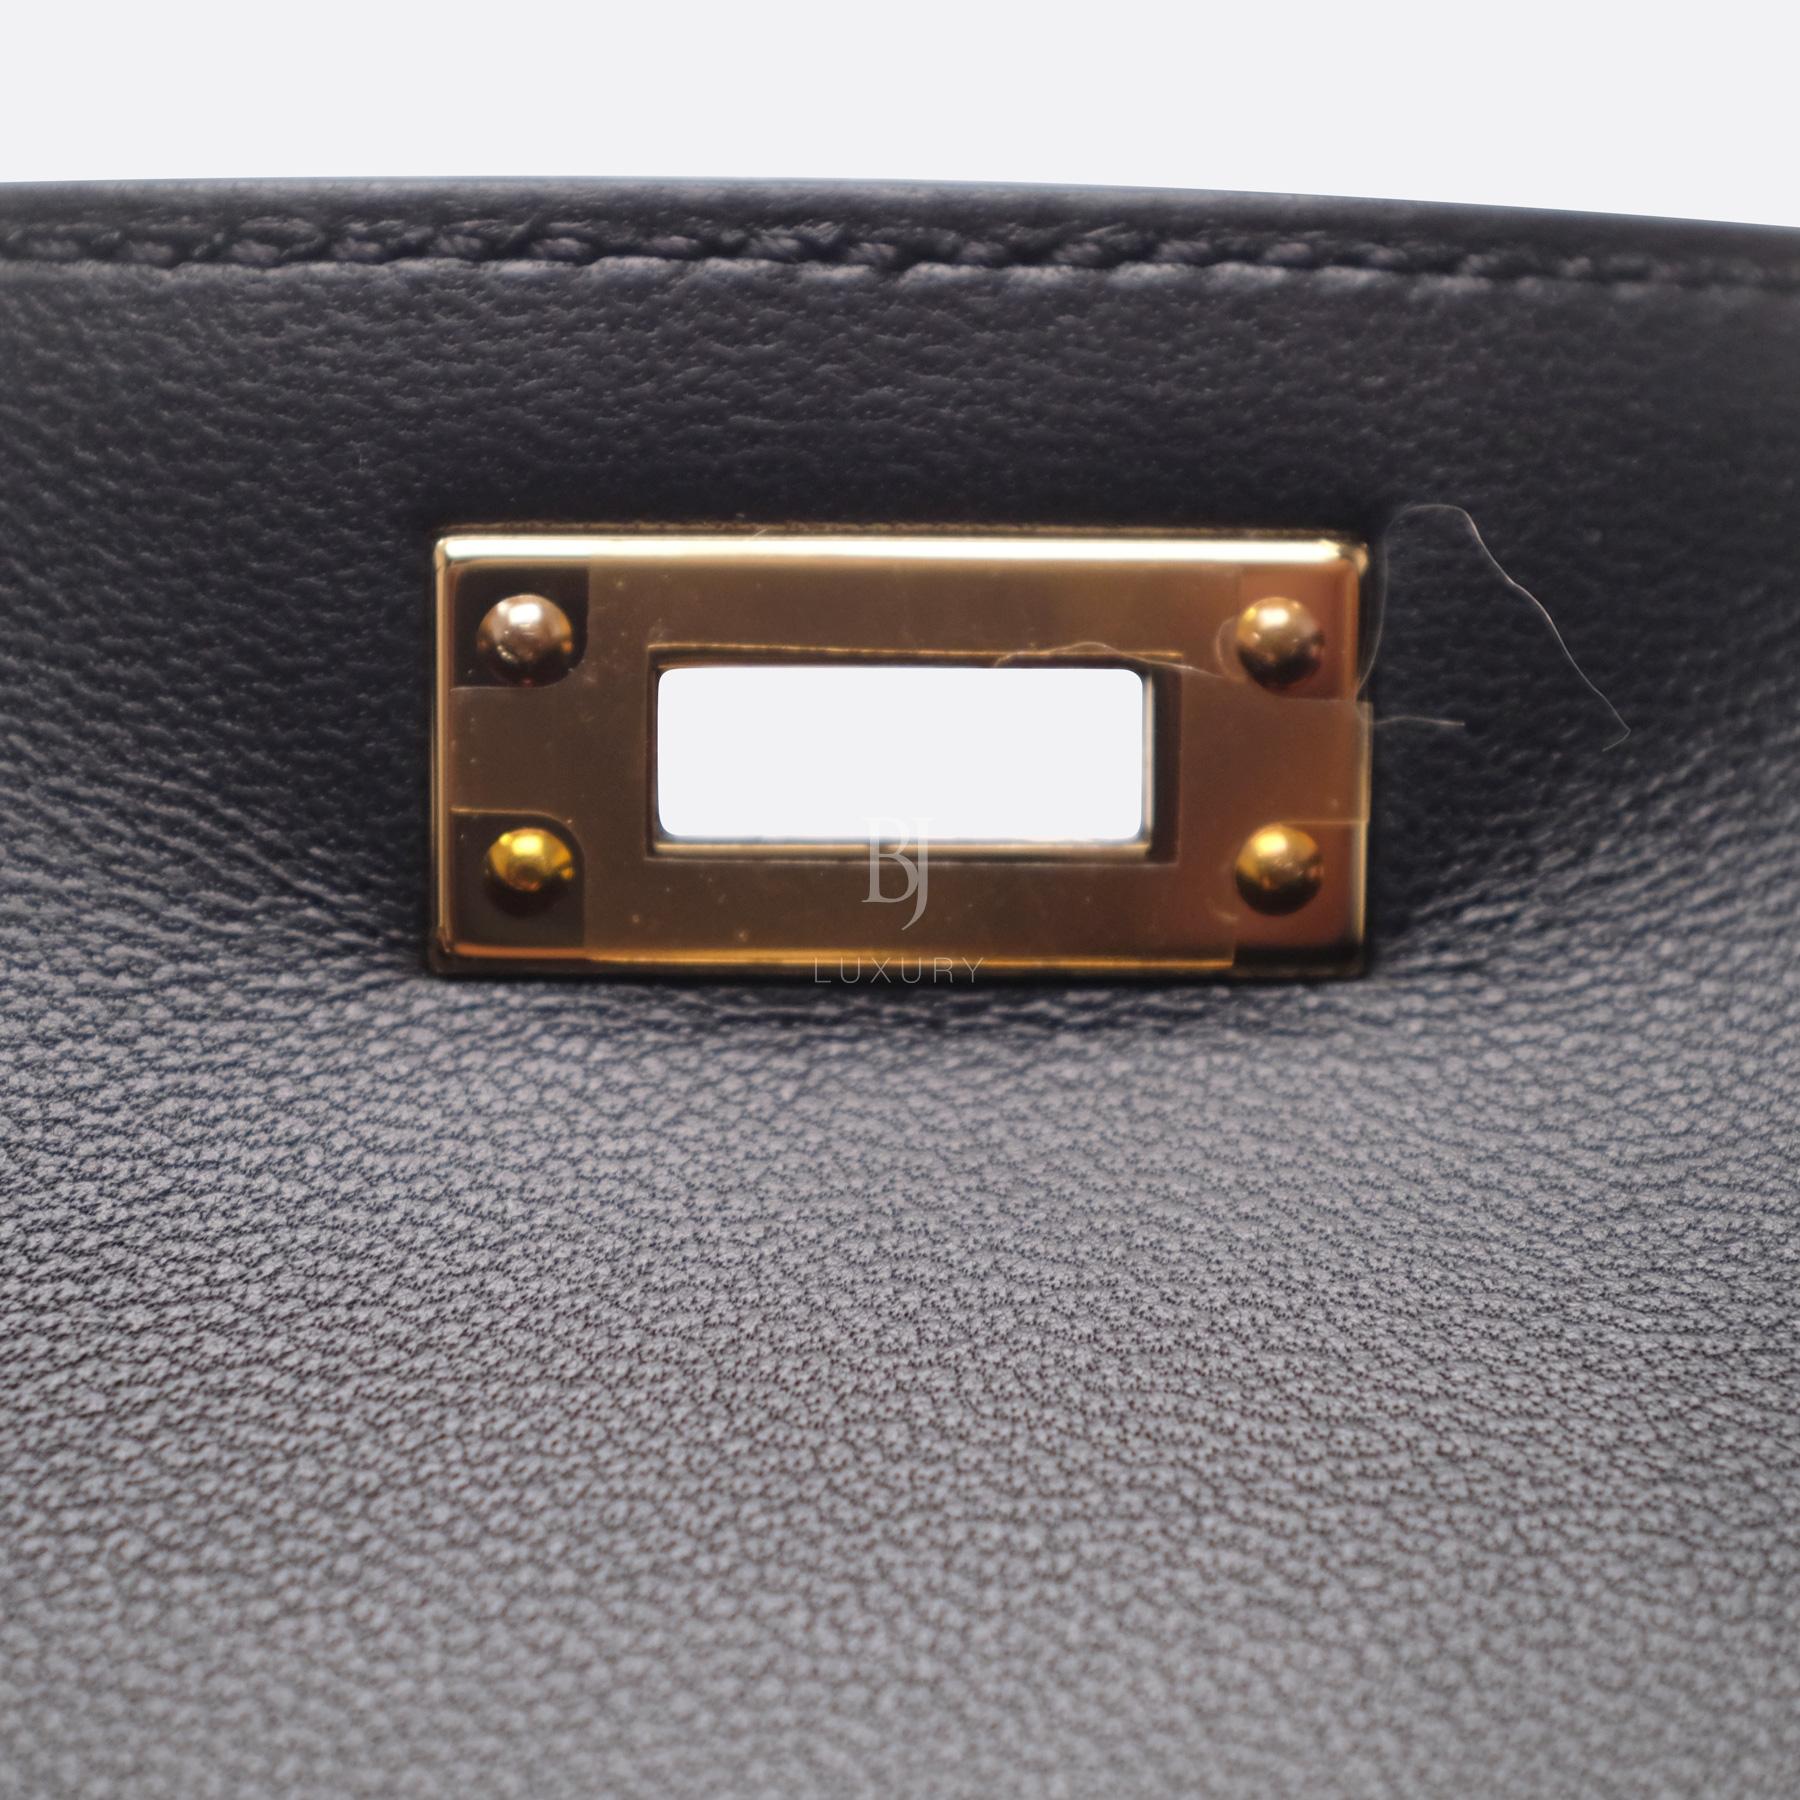 Hermes Kelly Sellier 20 Black Gold Hardware Epsom 16 BJ Luxury.jpg